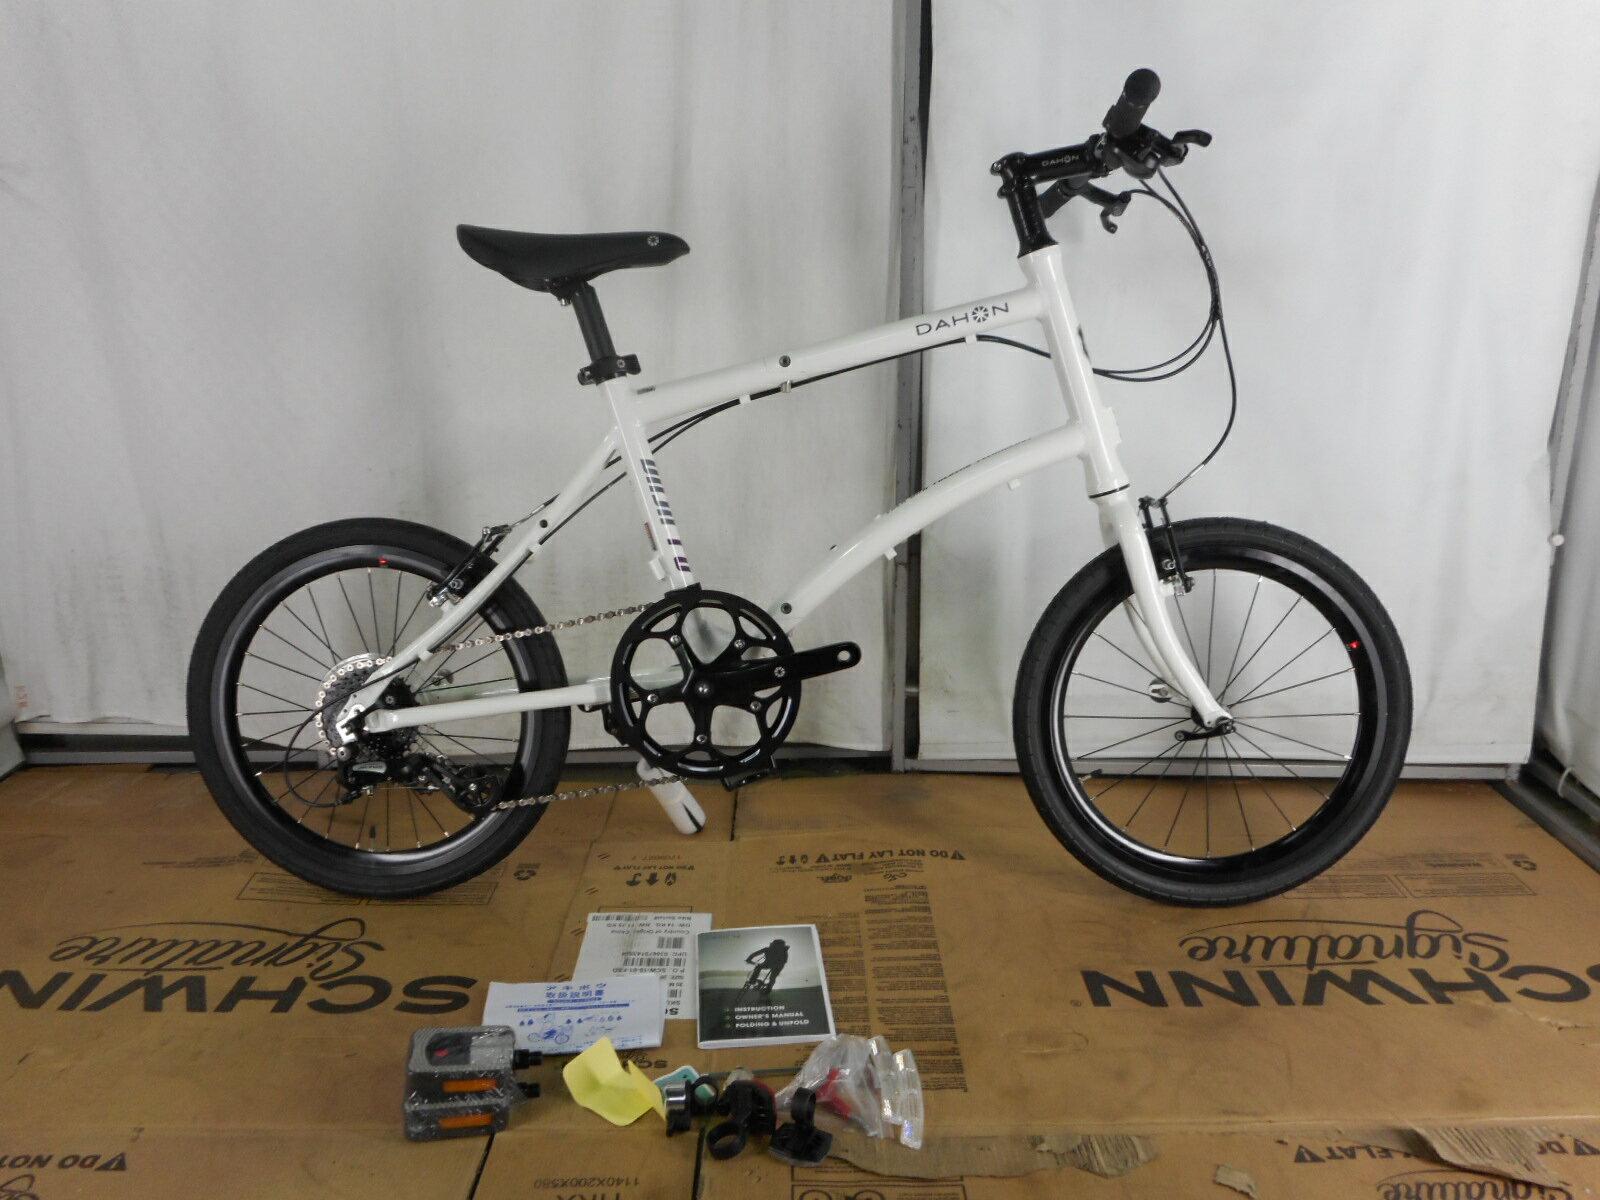 【整備済】『30%OFF』アウトレット2019DAHON(ダホン)DASH P8 FROSTY WHITE 折りたたみ自転車 在庫限り